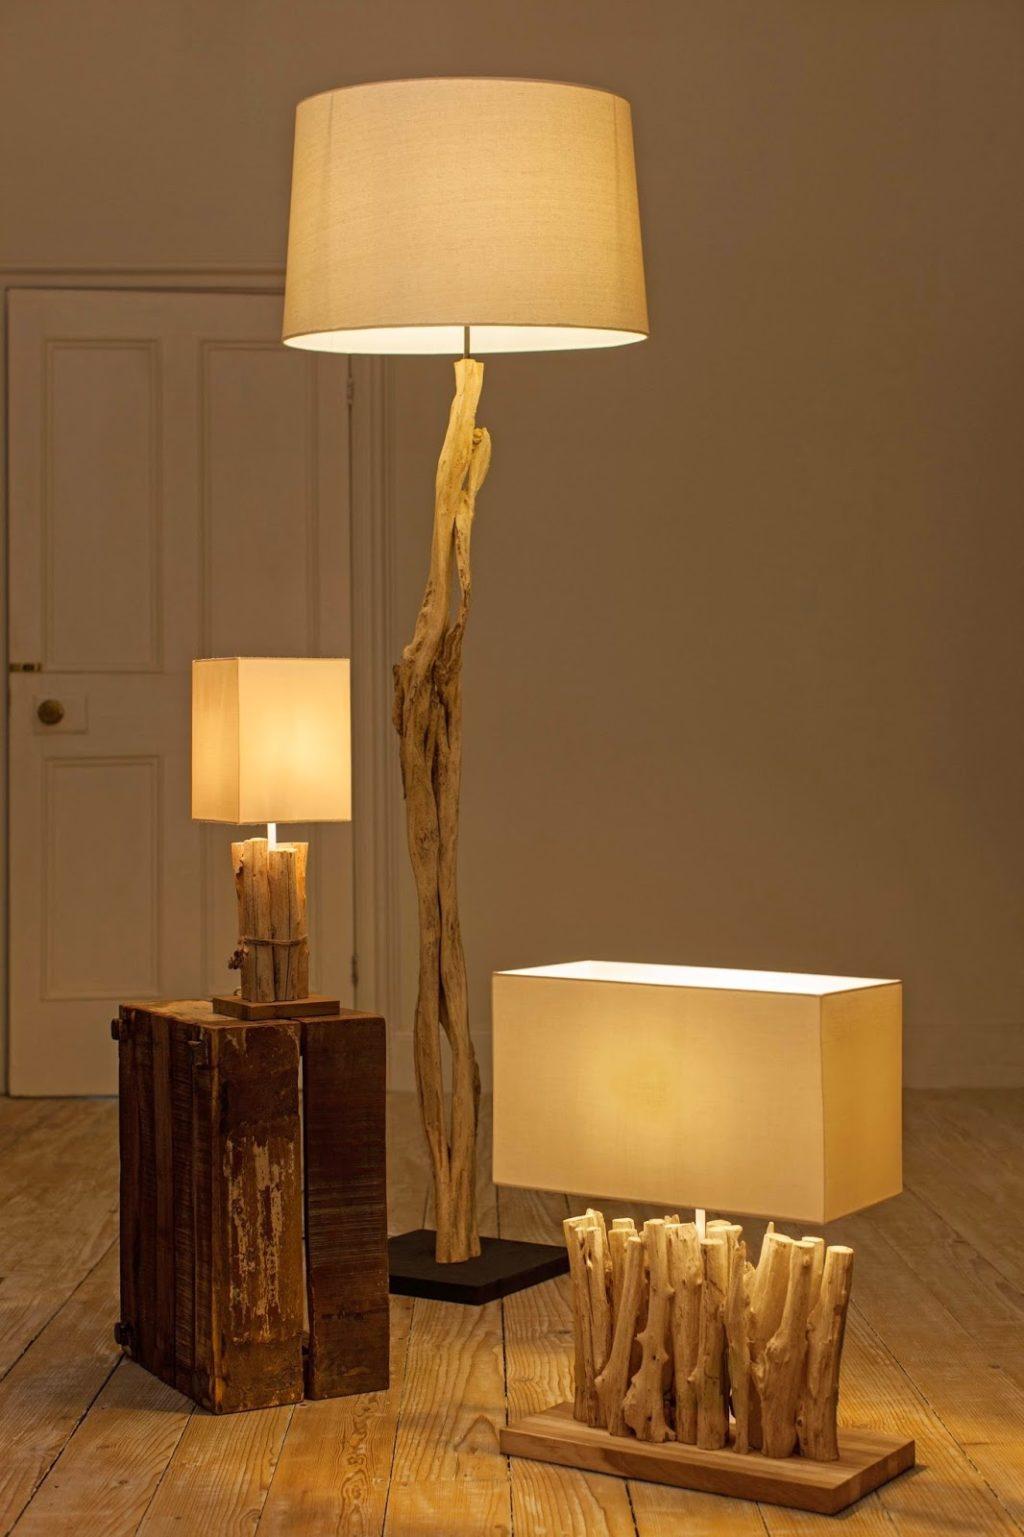 Напольный светильник самостоятельно